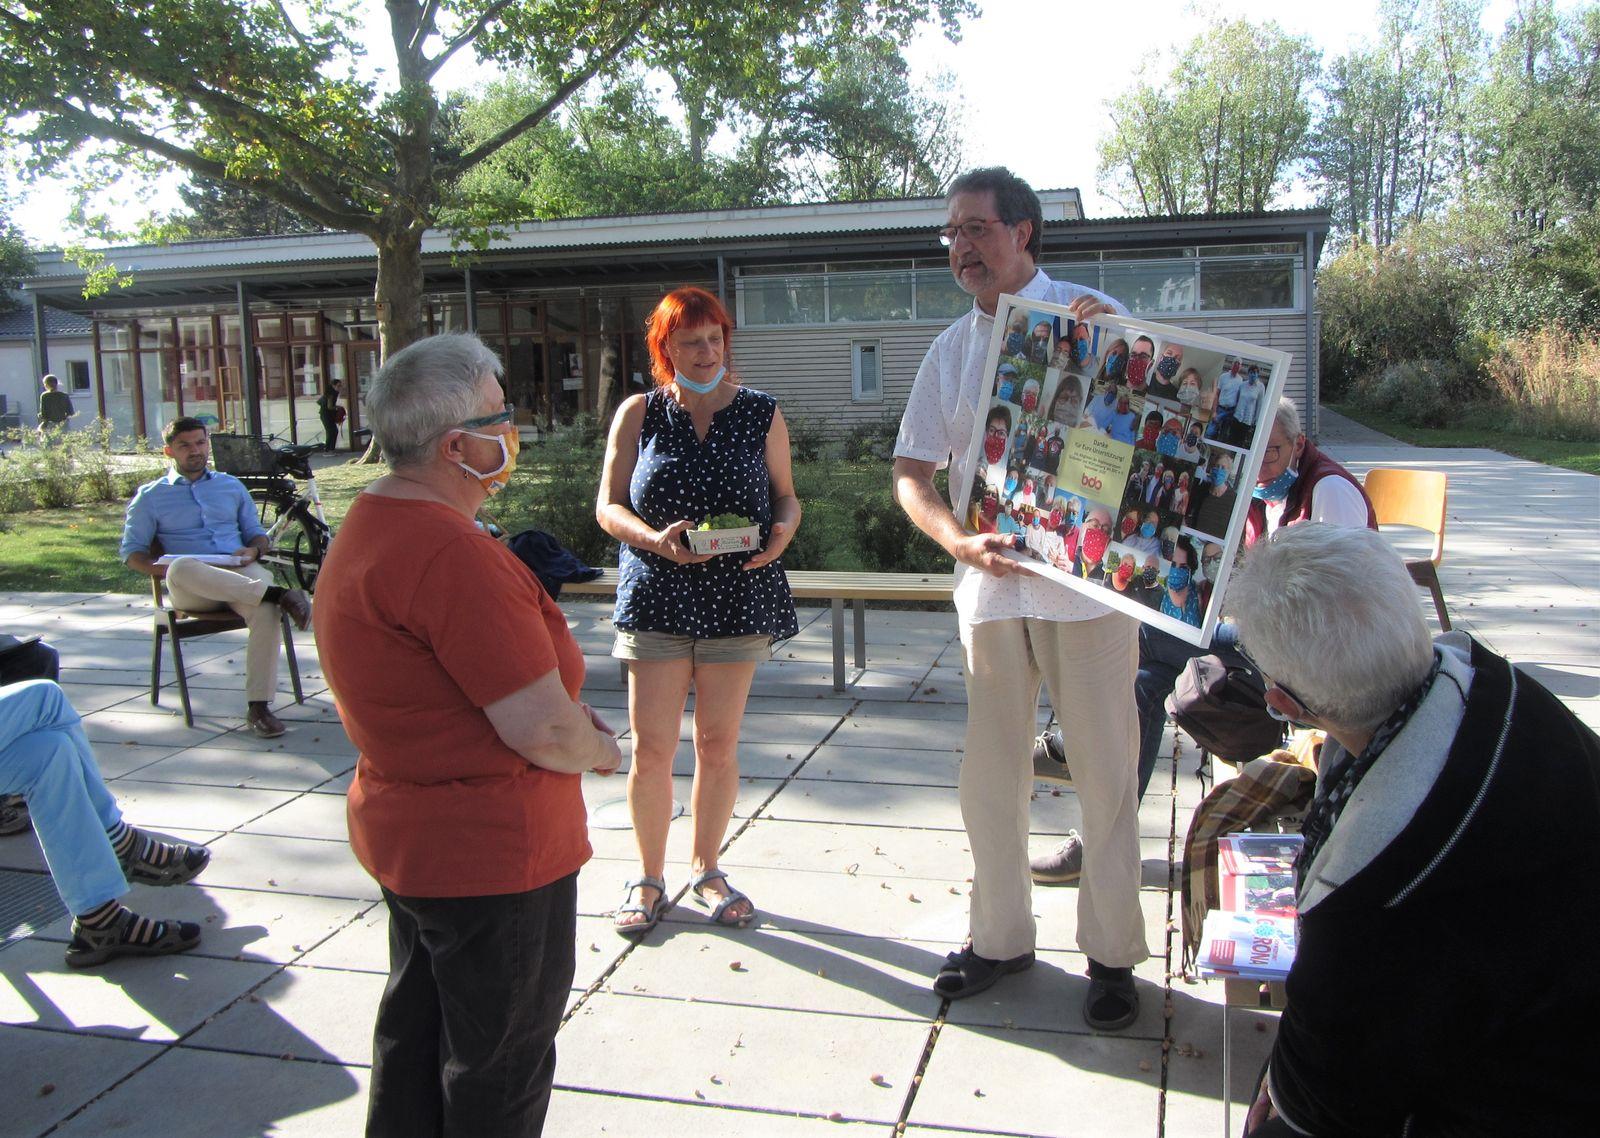 Ulrike Reitz-Nave und Burkhard Tapp überreichen den Bilderrahmen mit Fotos der BDO-Mitglieder und Ihren Familienangehörigen mit Alltagsmasken an Susanne Ruff als Zeichen des Dankes für die Unterstützung der Aktion